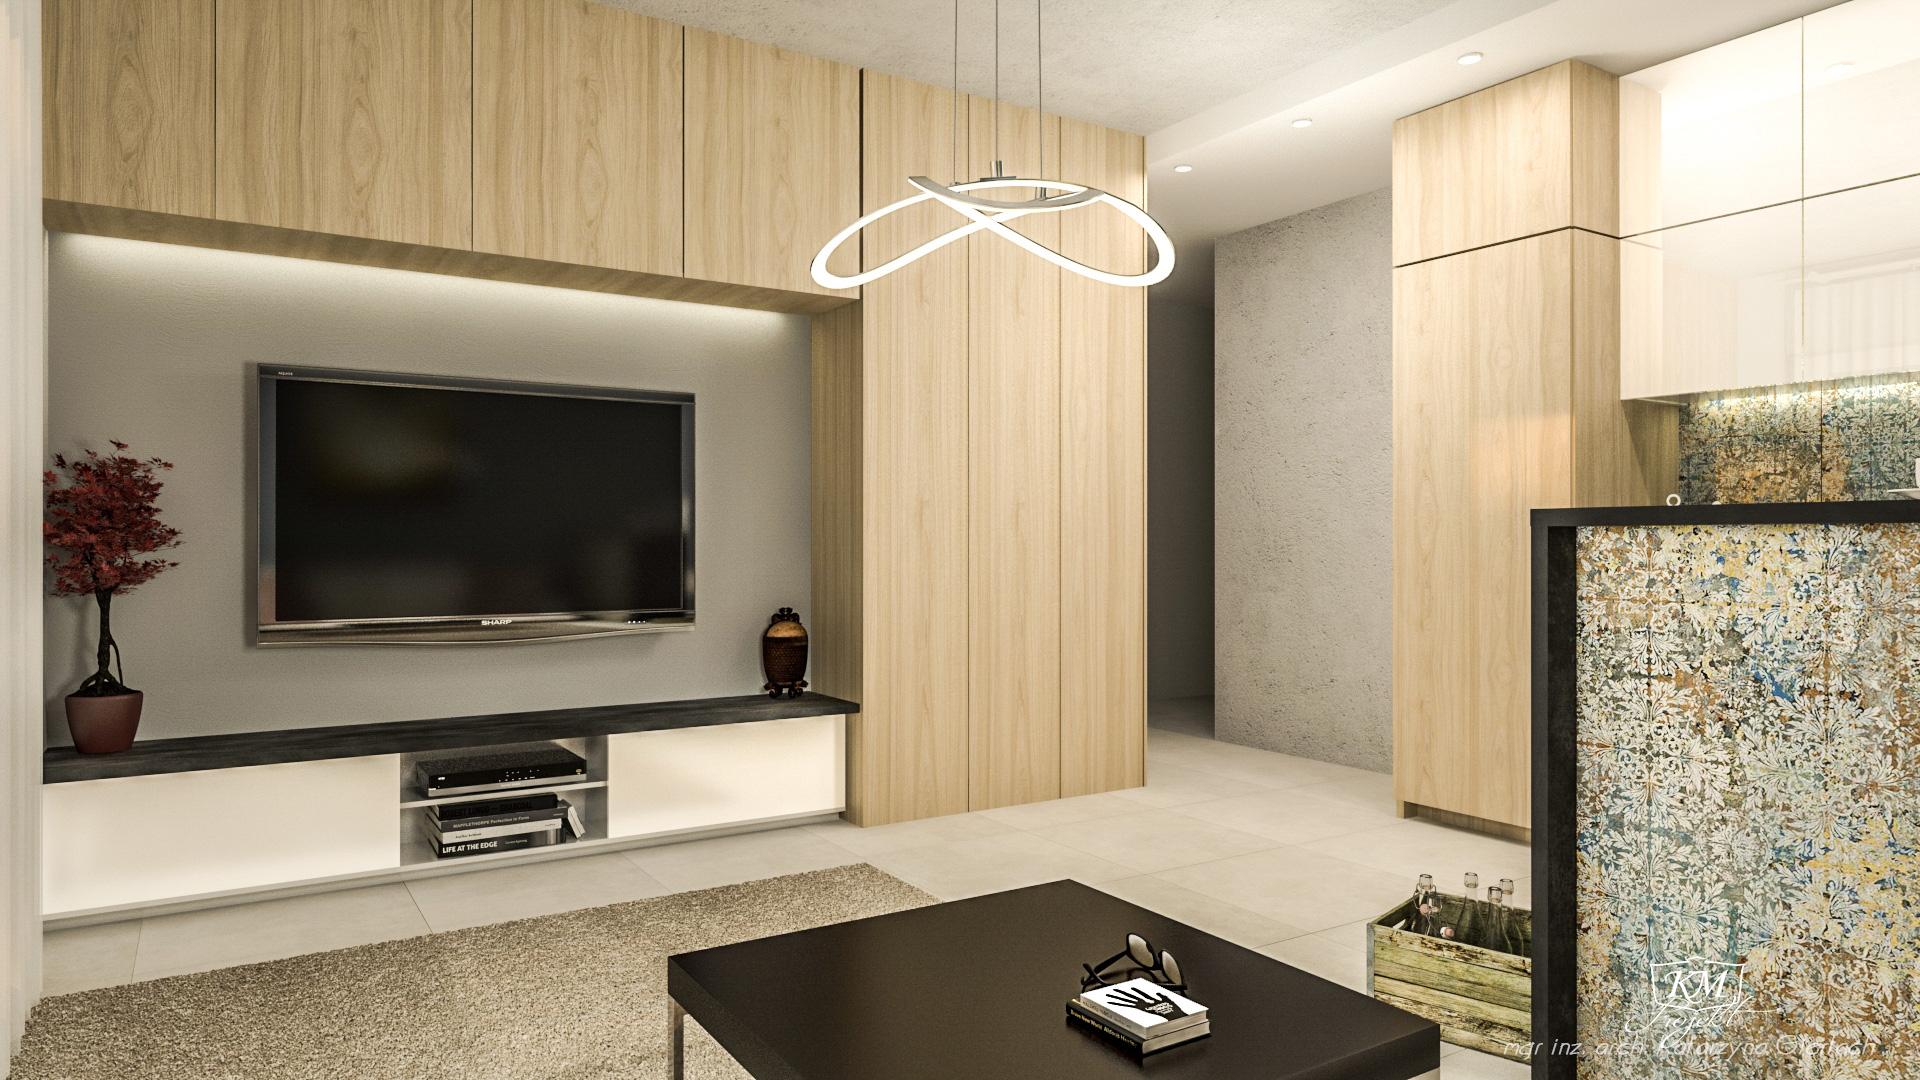 Mieszkanie 56 m2 nasprzedaż ul.Zakładowa